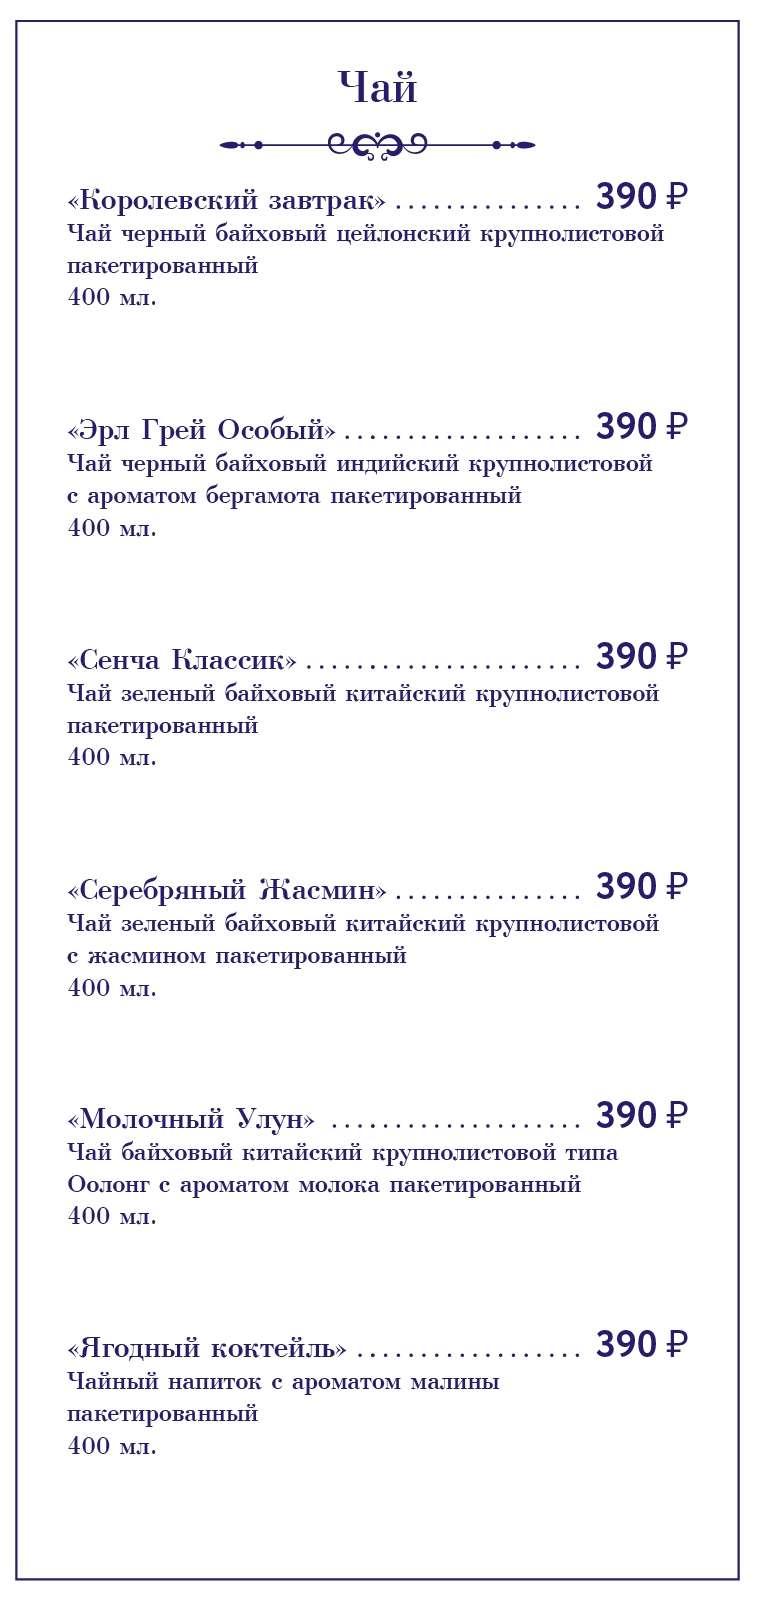 ЧАЙНАЯ_3